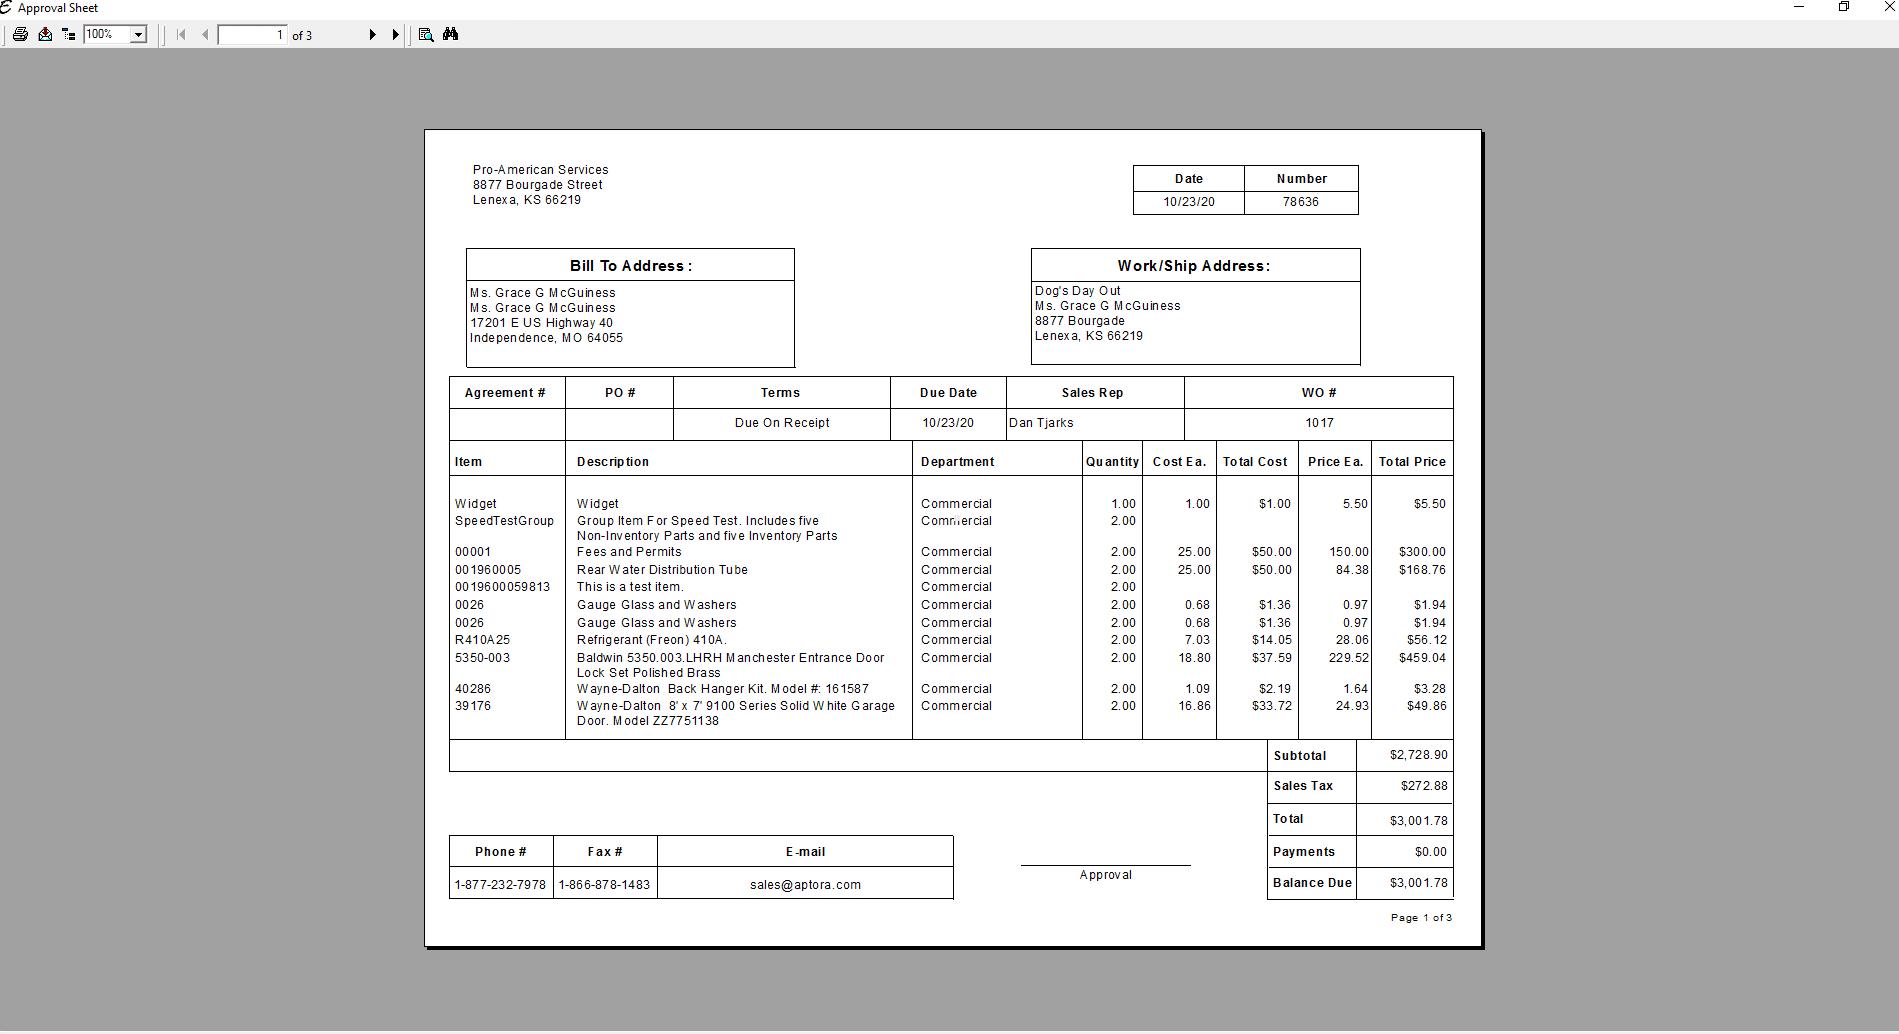 Approval Sheet PDF